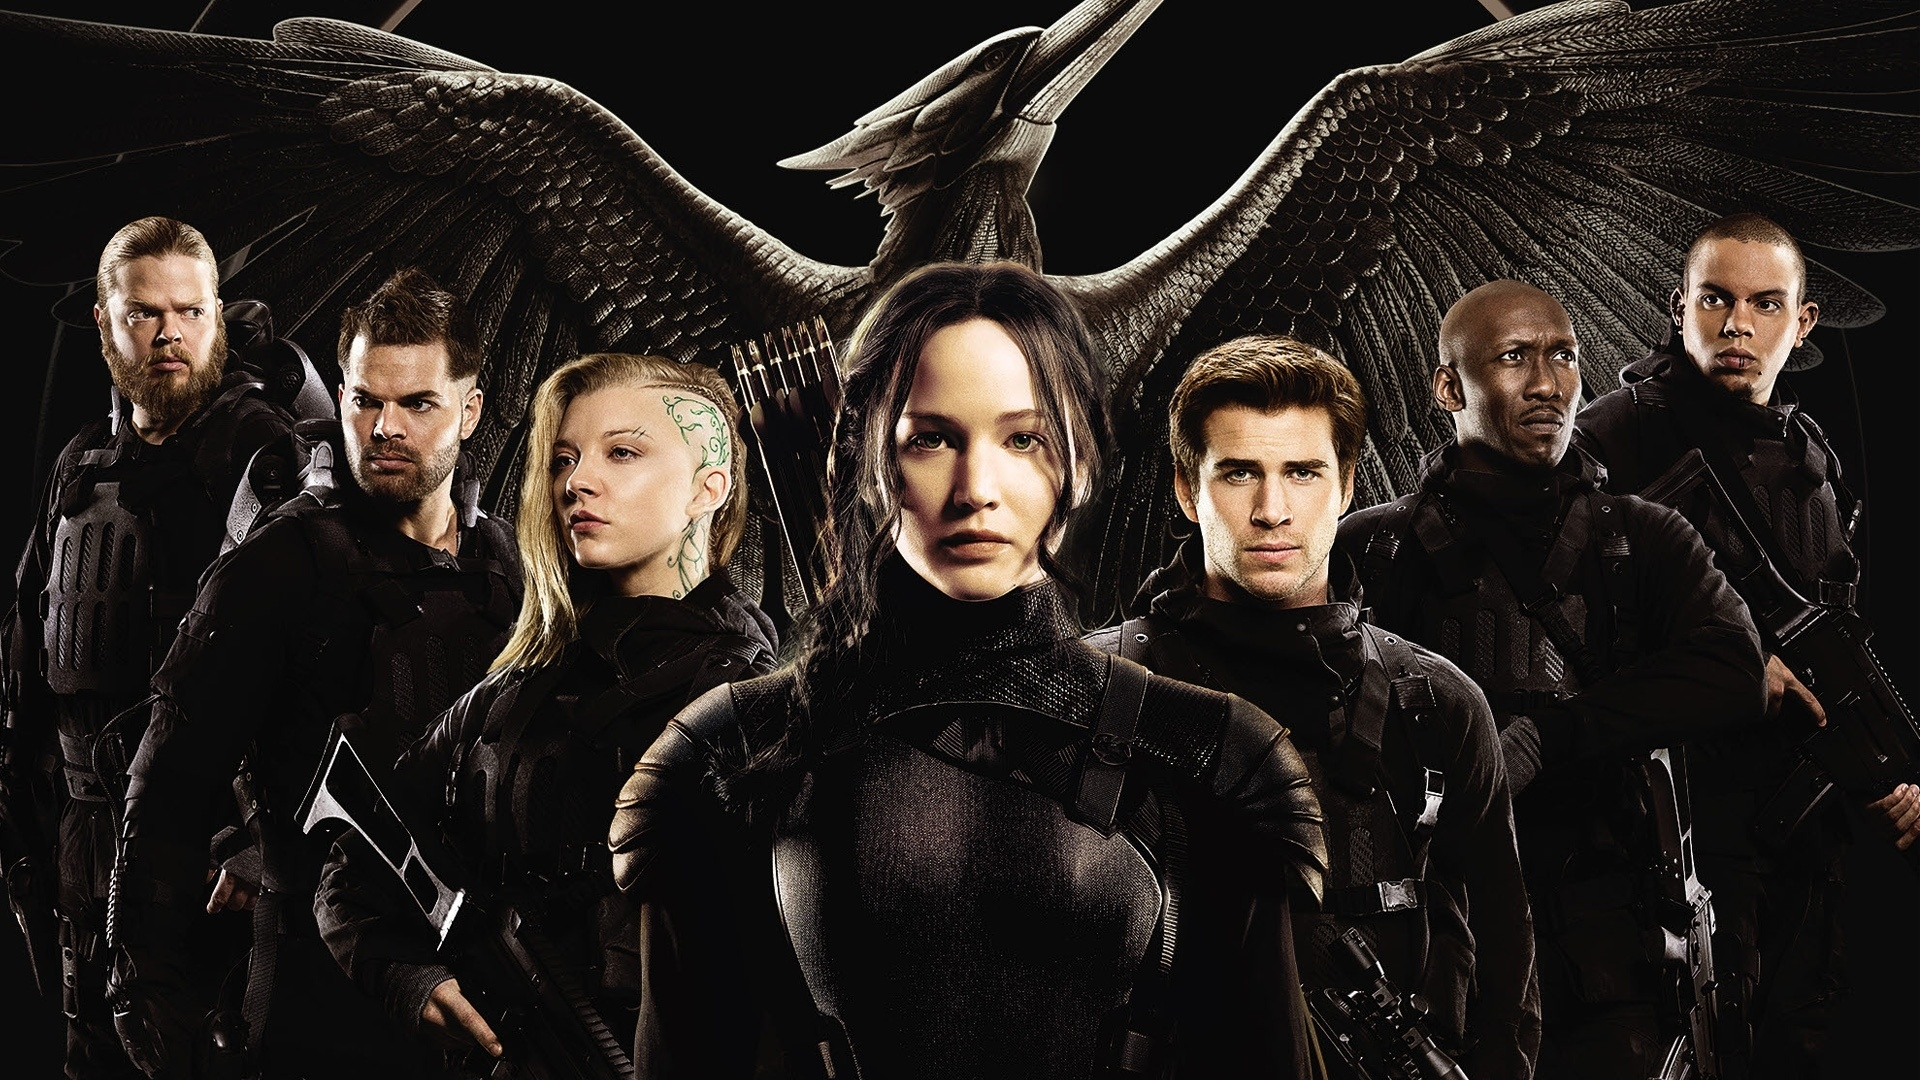 The_Hunger_Games_Mockingjay_Part_2_145.jpg